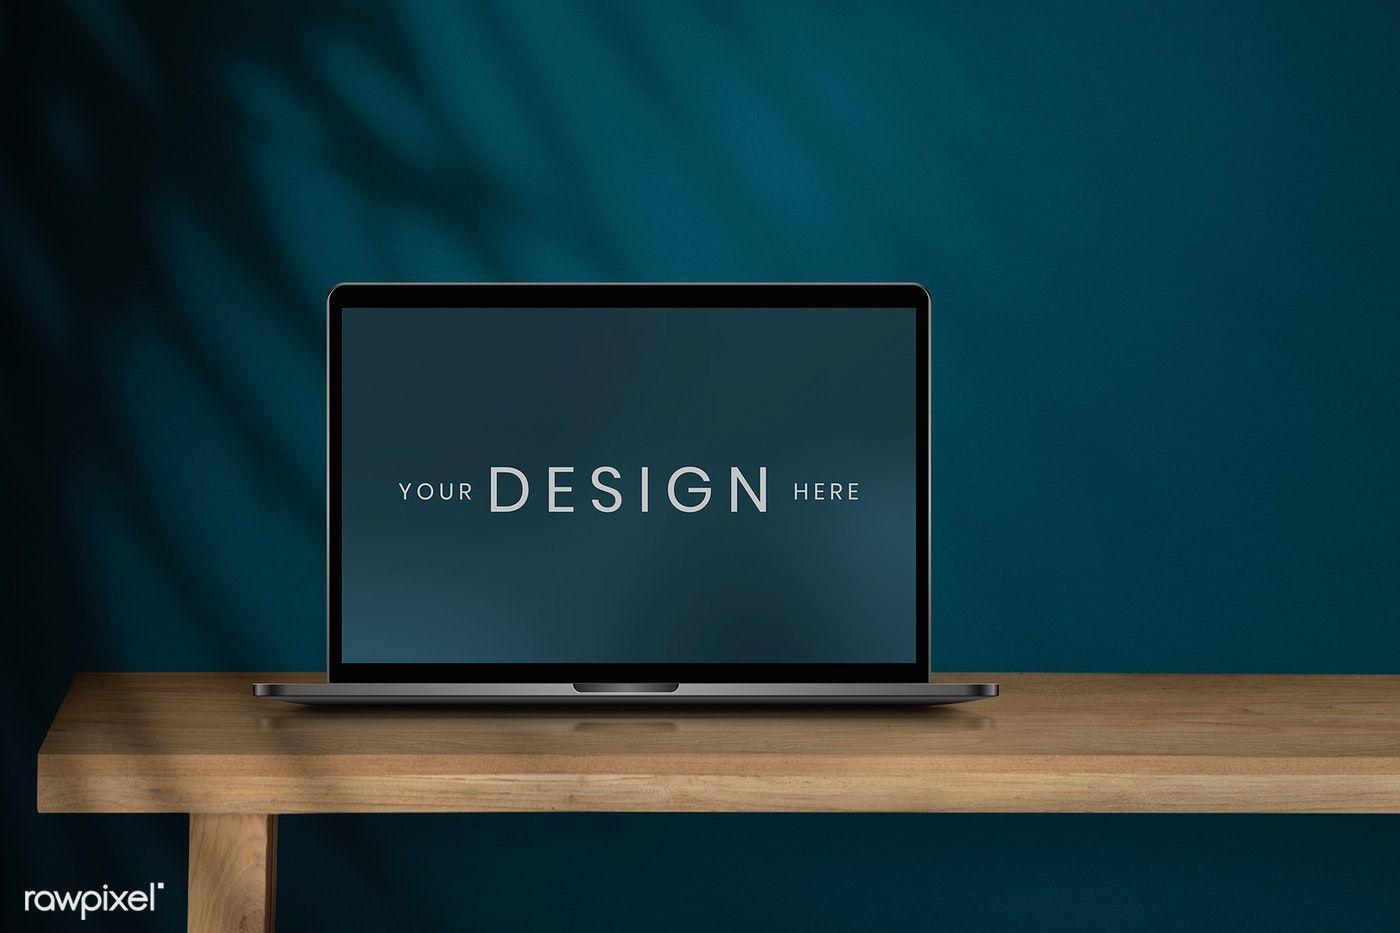 Download Premium Psd Of Laptop Screen Mockup On A Wooden Table 894301 Laptop Screen Wooden Tables Design Mockup Free